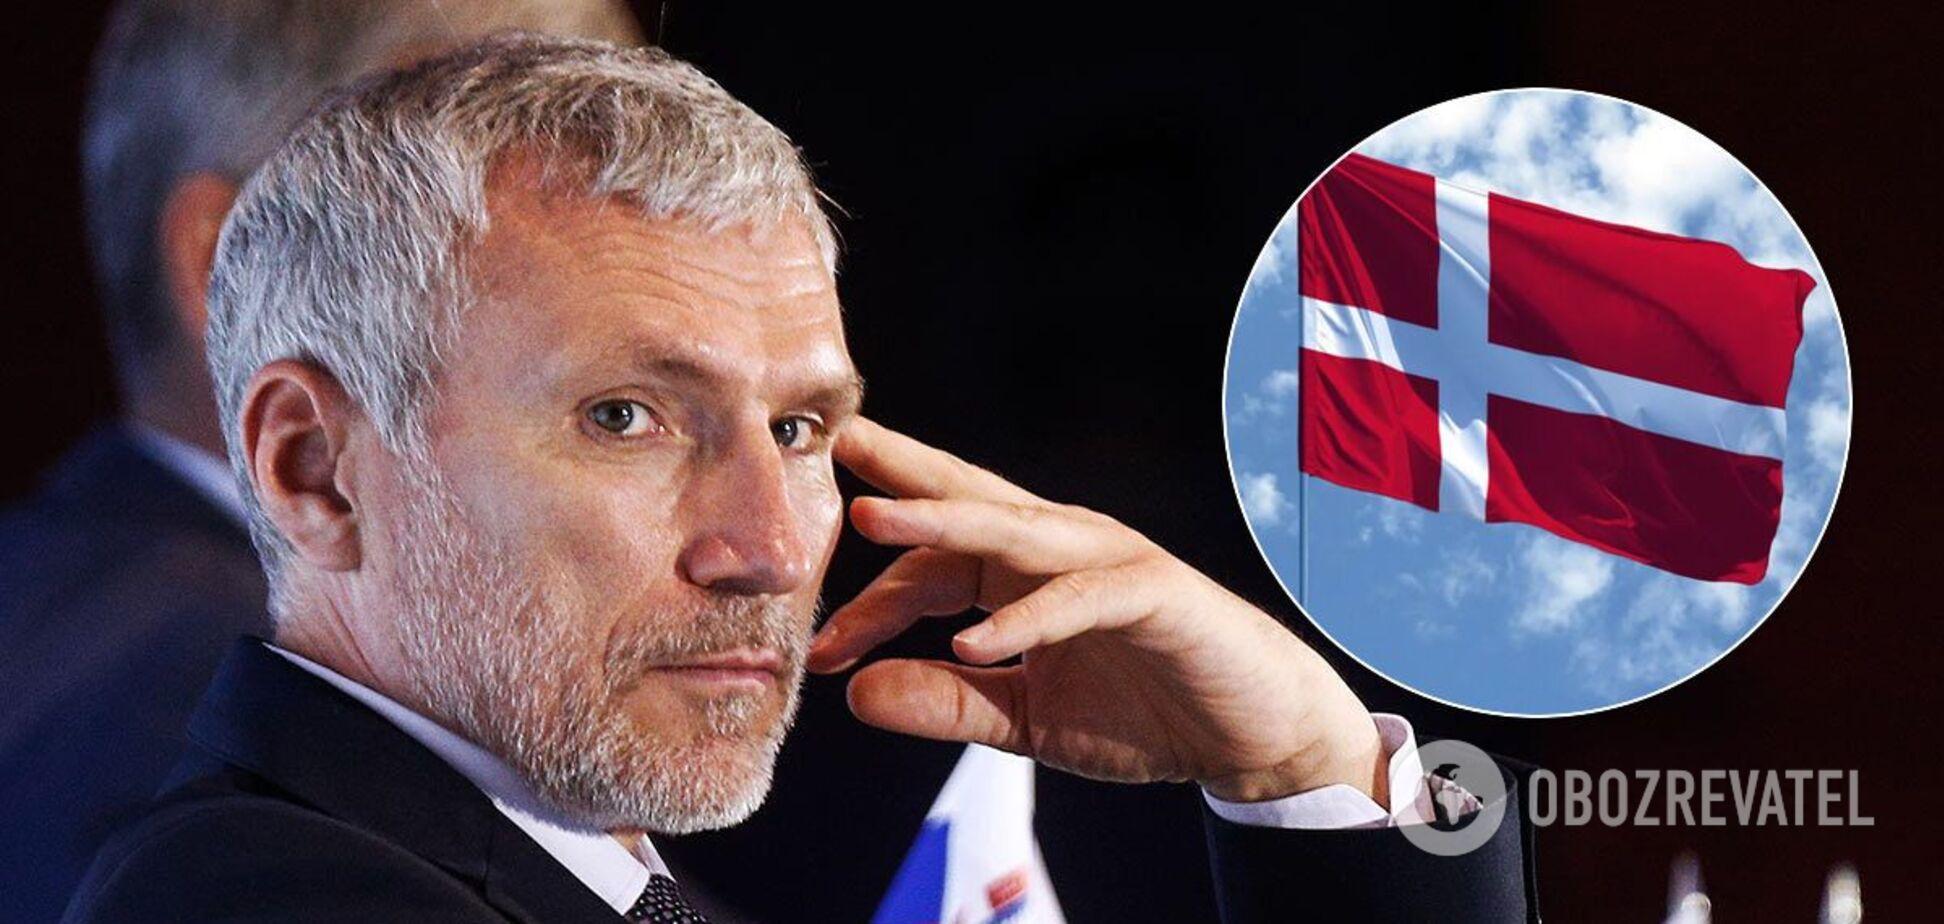 В Дании объяснили причину волны фейков из России